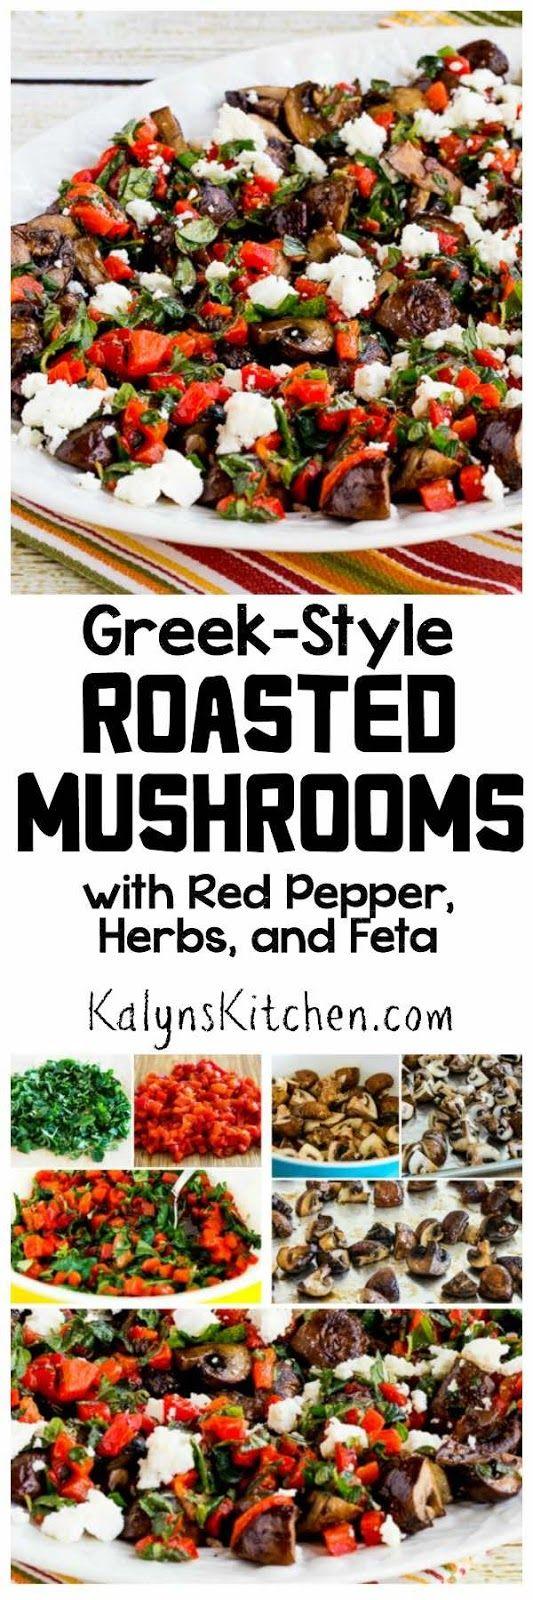 mushrooms style mushrooms recipes mushrooms roasted mushrooms roasted ...